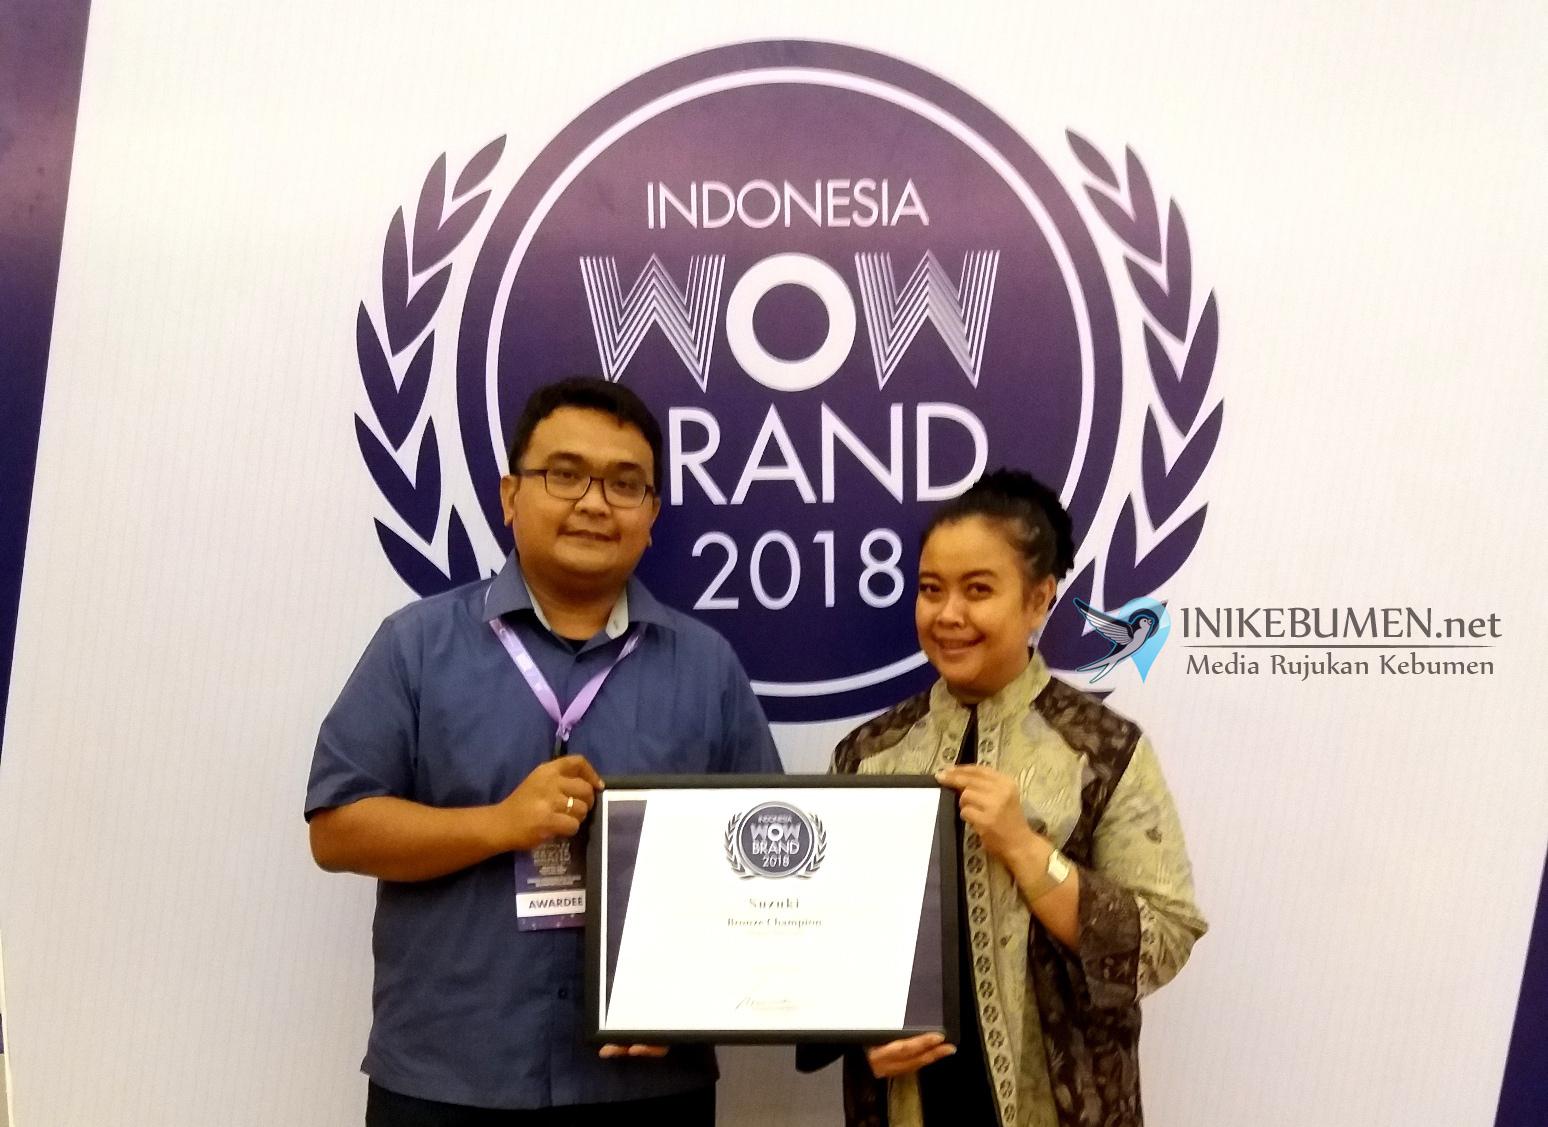 Raih WOW Brand Award 2018, Suzuki Makin jadi Brand yang Direkomendasikan Pelanggan